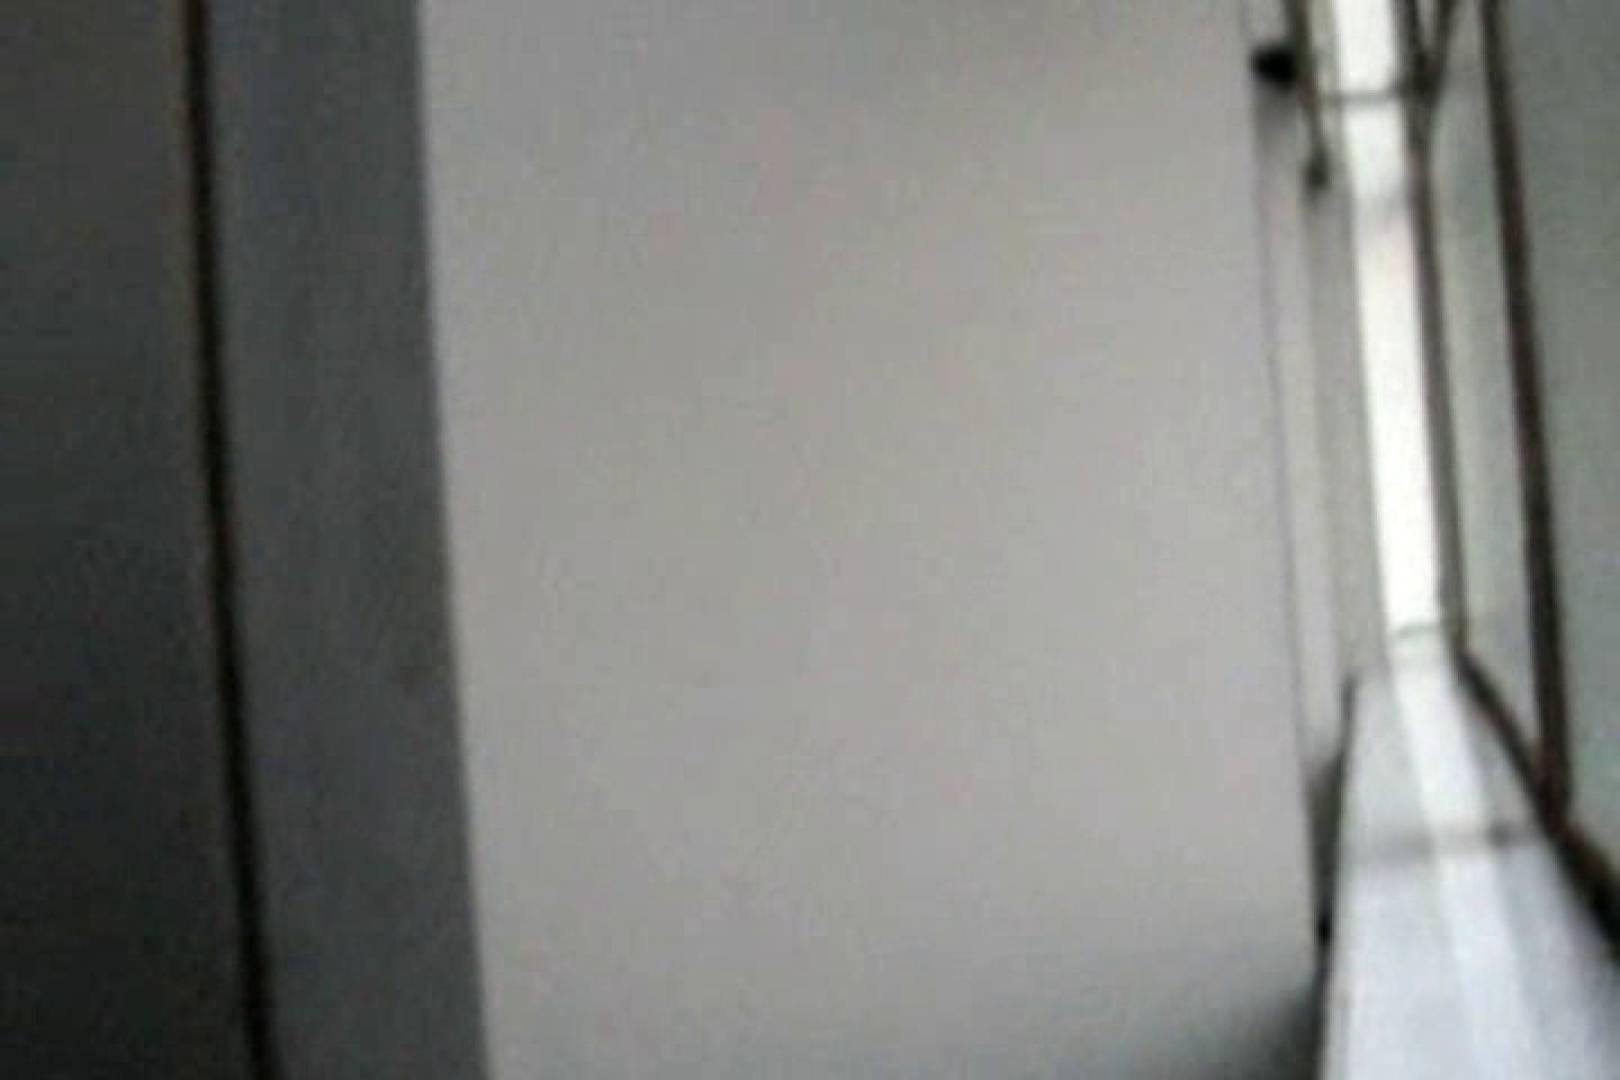 ぼっとん洗面所スペシャルVol.7 洗面所 | OLの実態  81pic 15